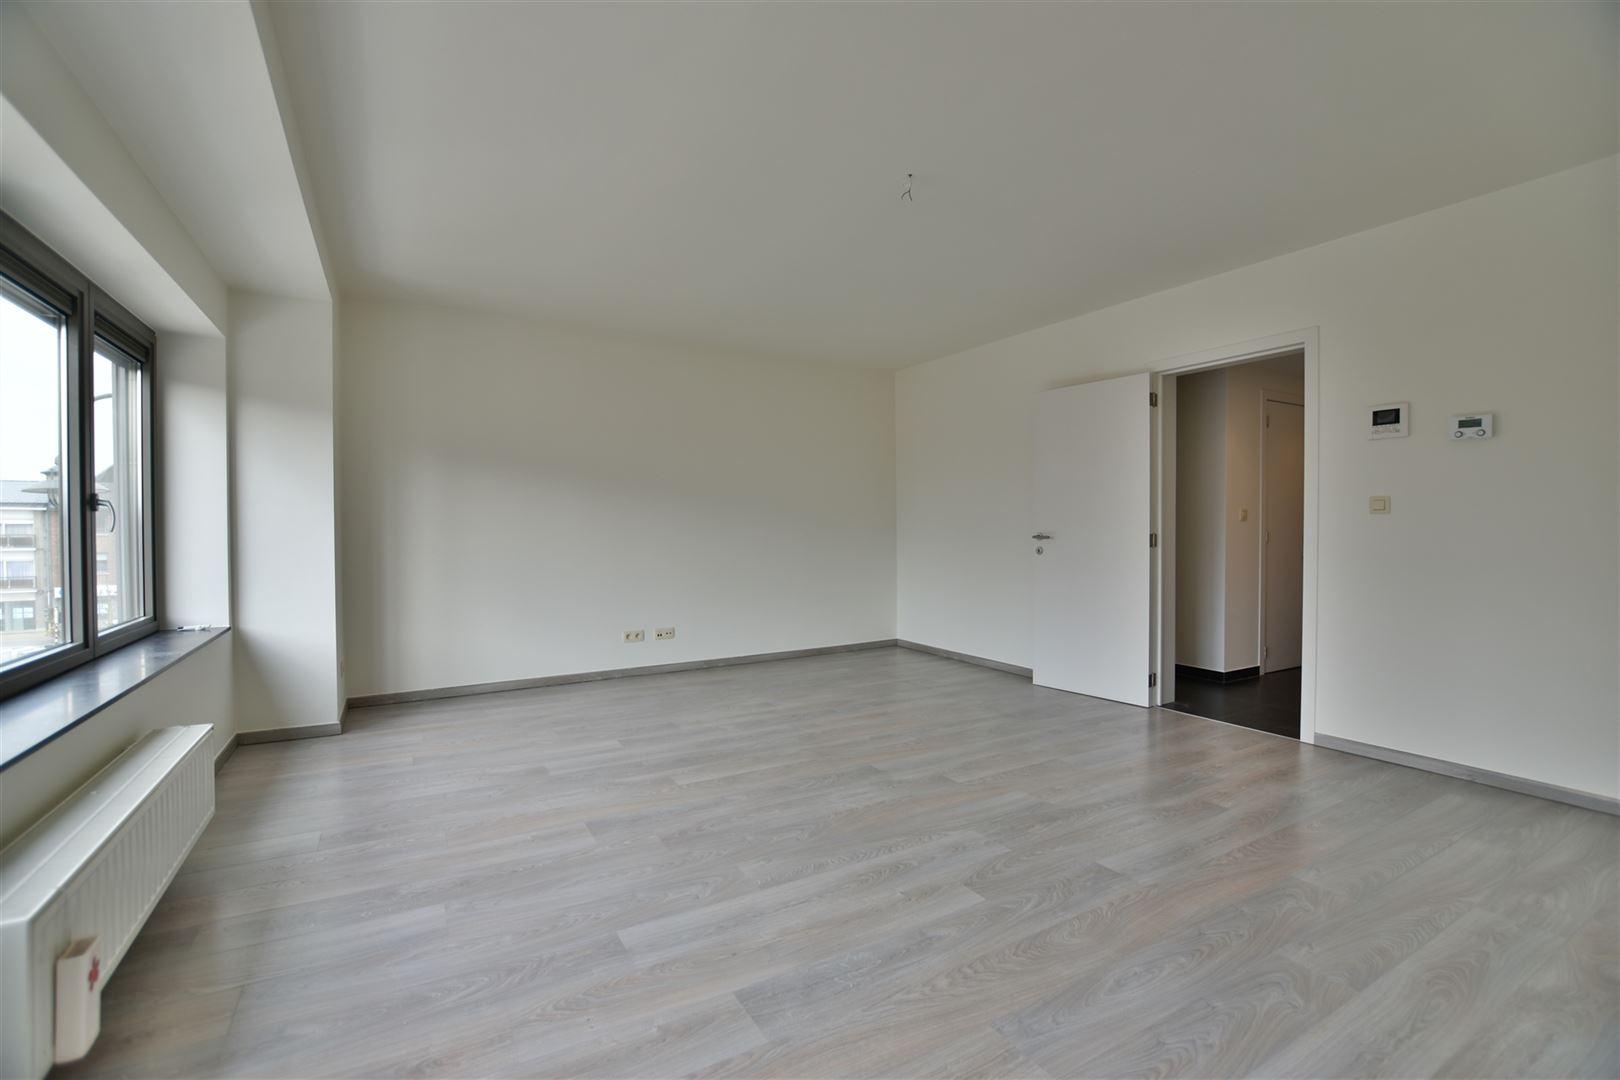 Foto 2 : Appartement te 9200 Sint-Gillis-bij-Dendermonde (België) - Prijs € 278.000